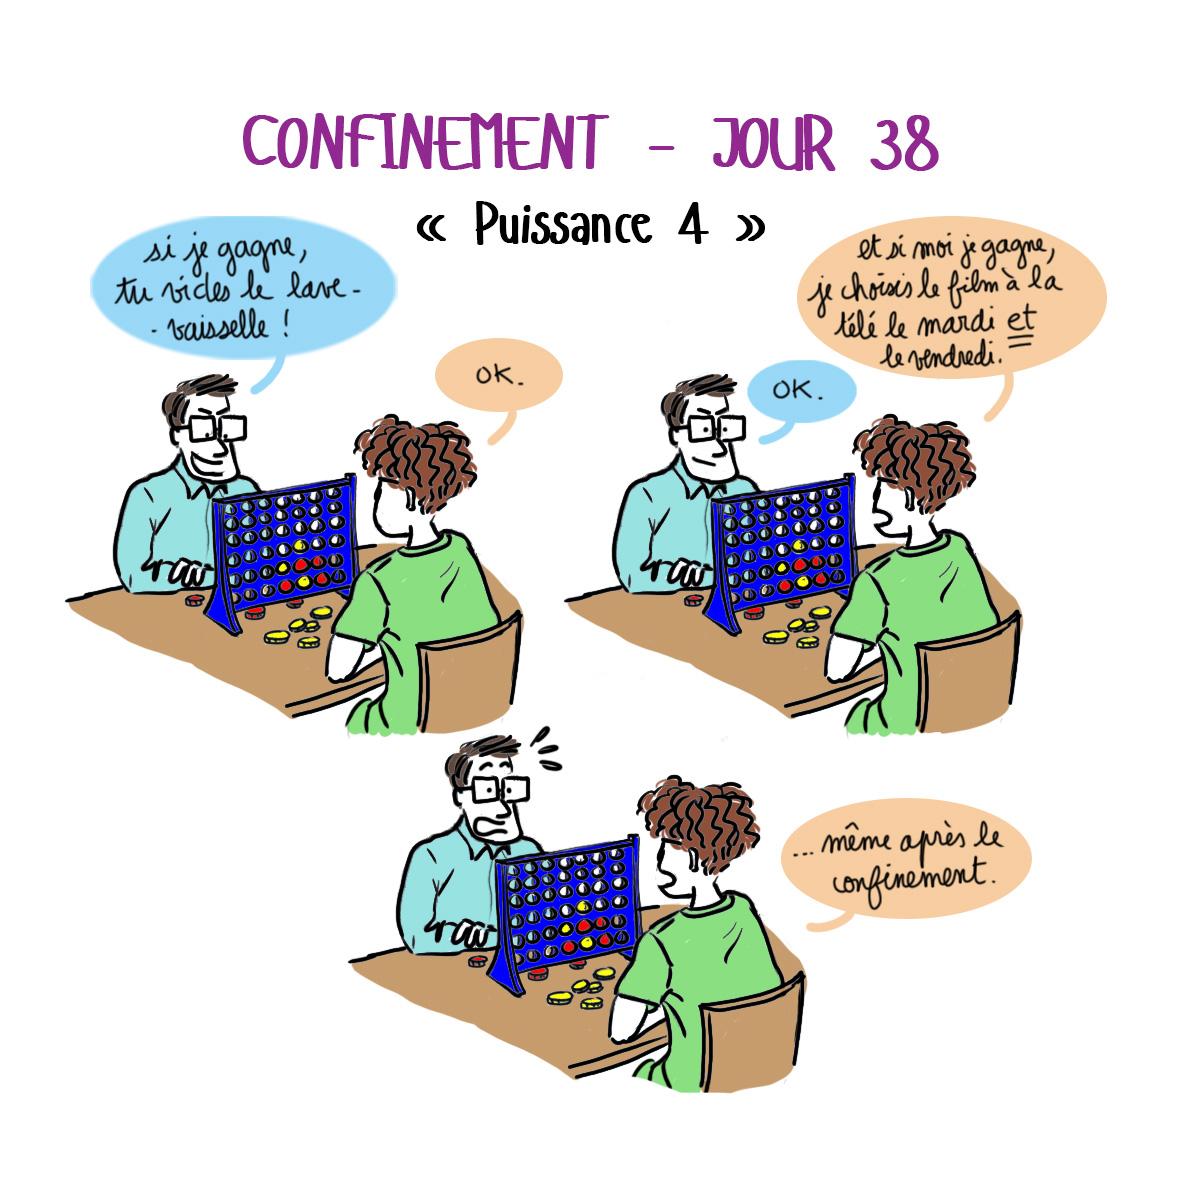 Journal de confinement - jour 38